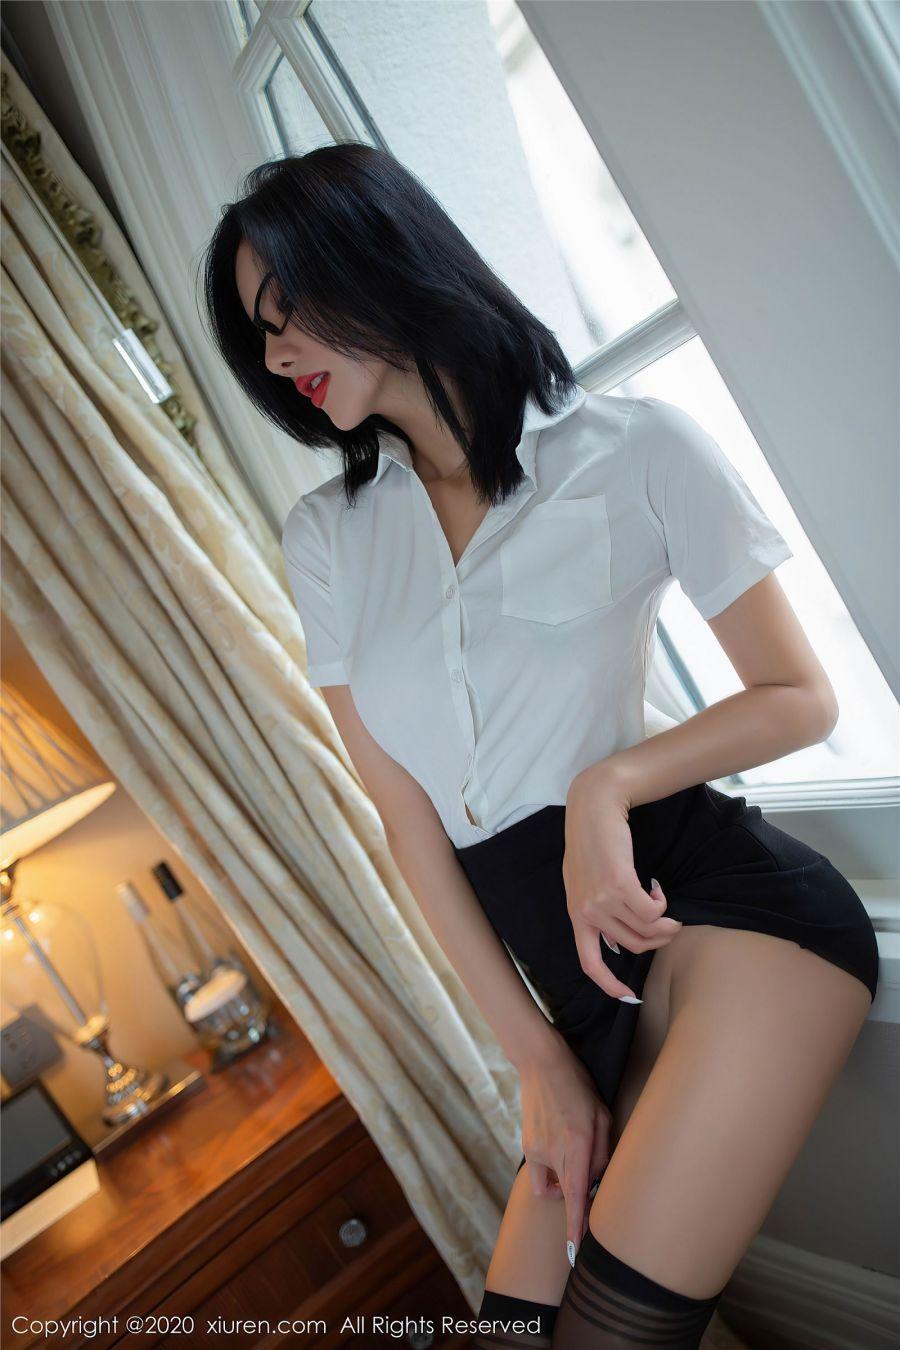 风骚秘书就是阿朱啊脱衣裸身诱惑